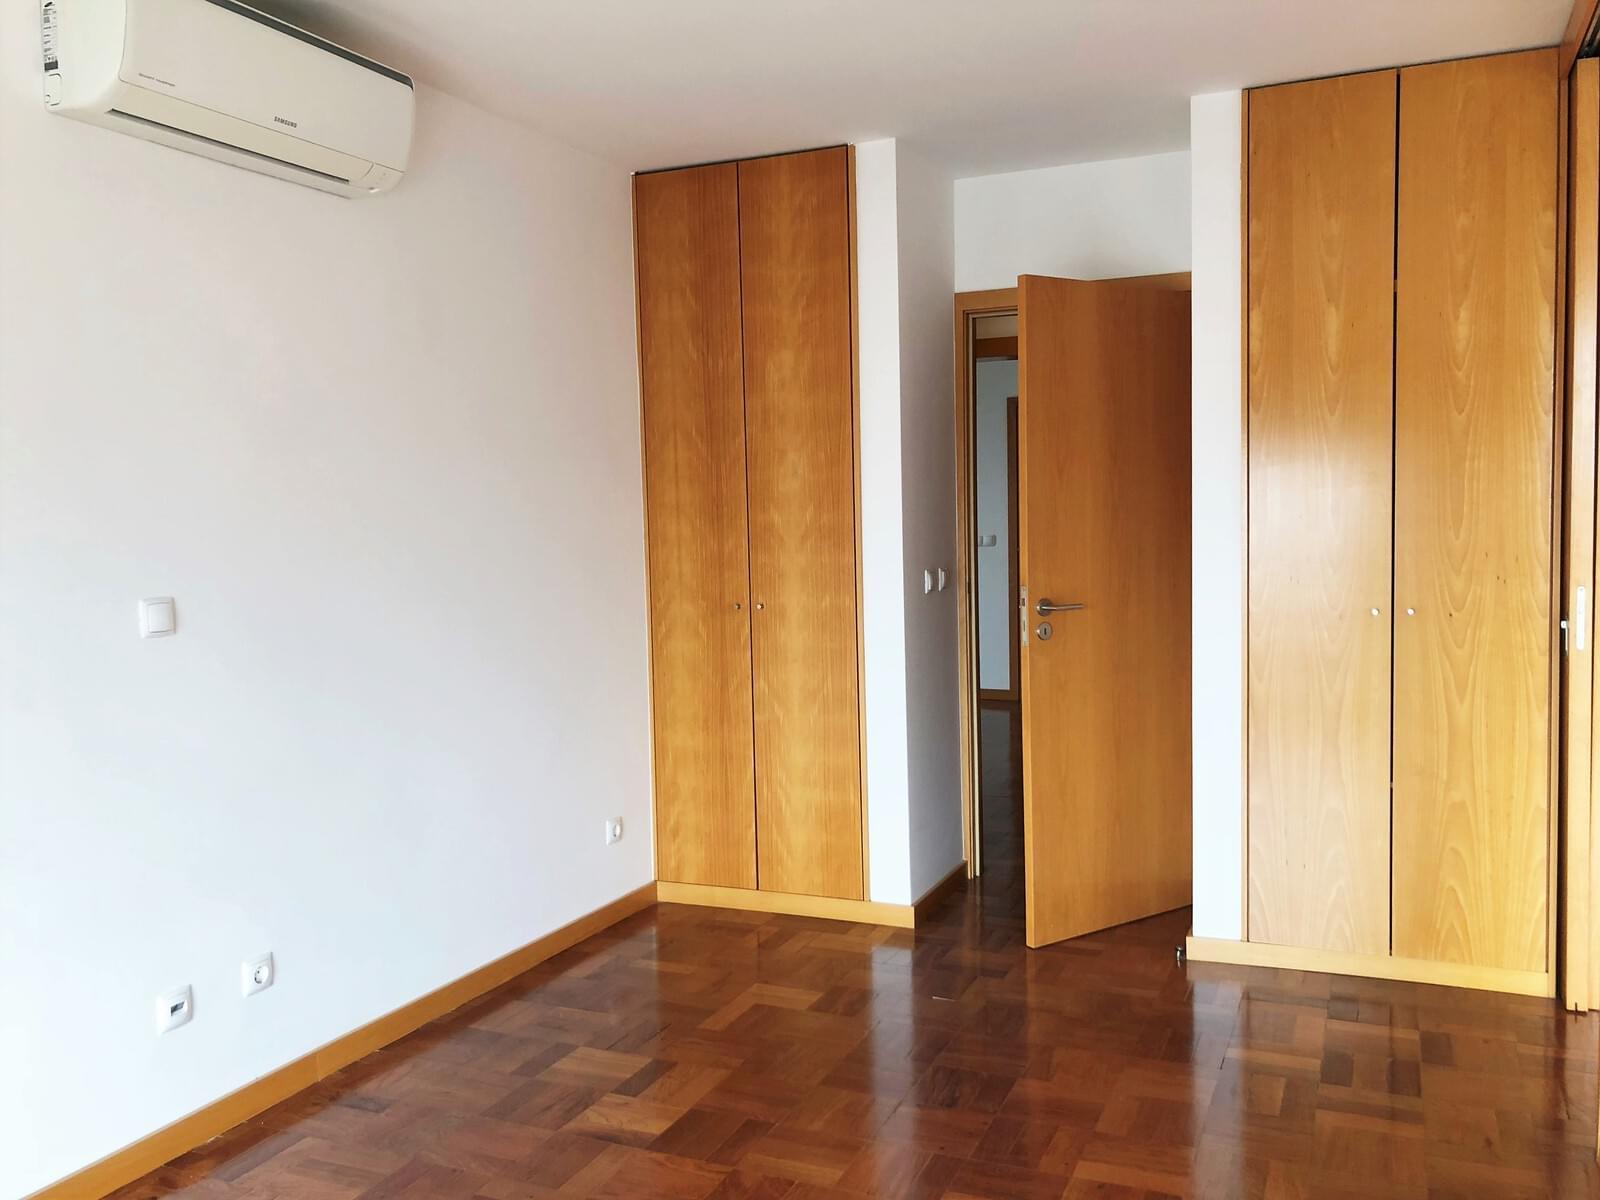 pf18040-apartamento-t3-lisboa-f41f2443-328d-4c8e-8ee9-29d6347cbf9f